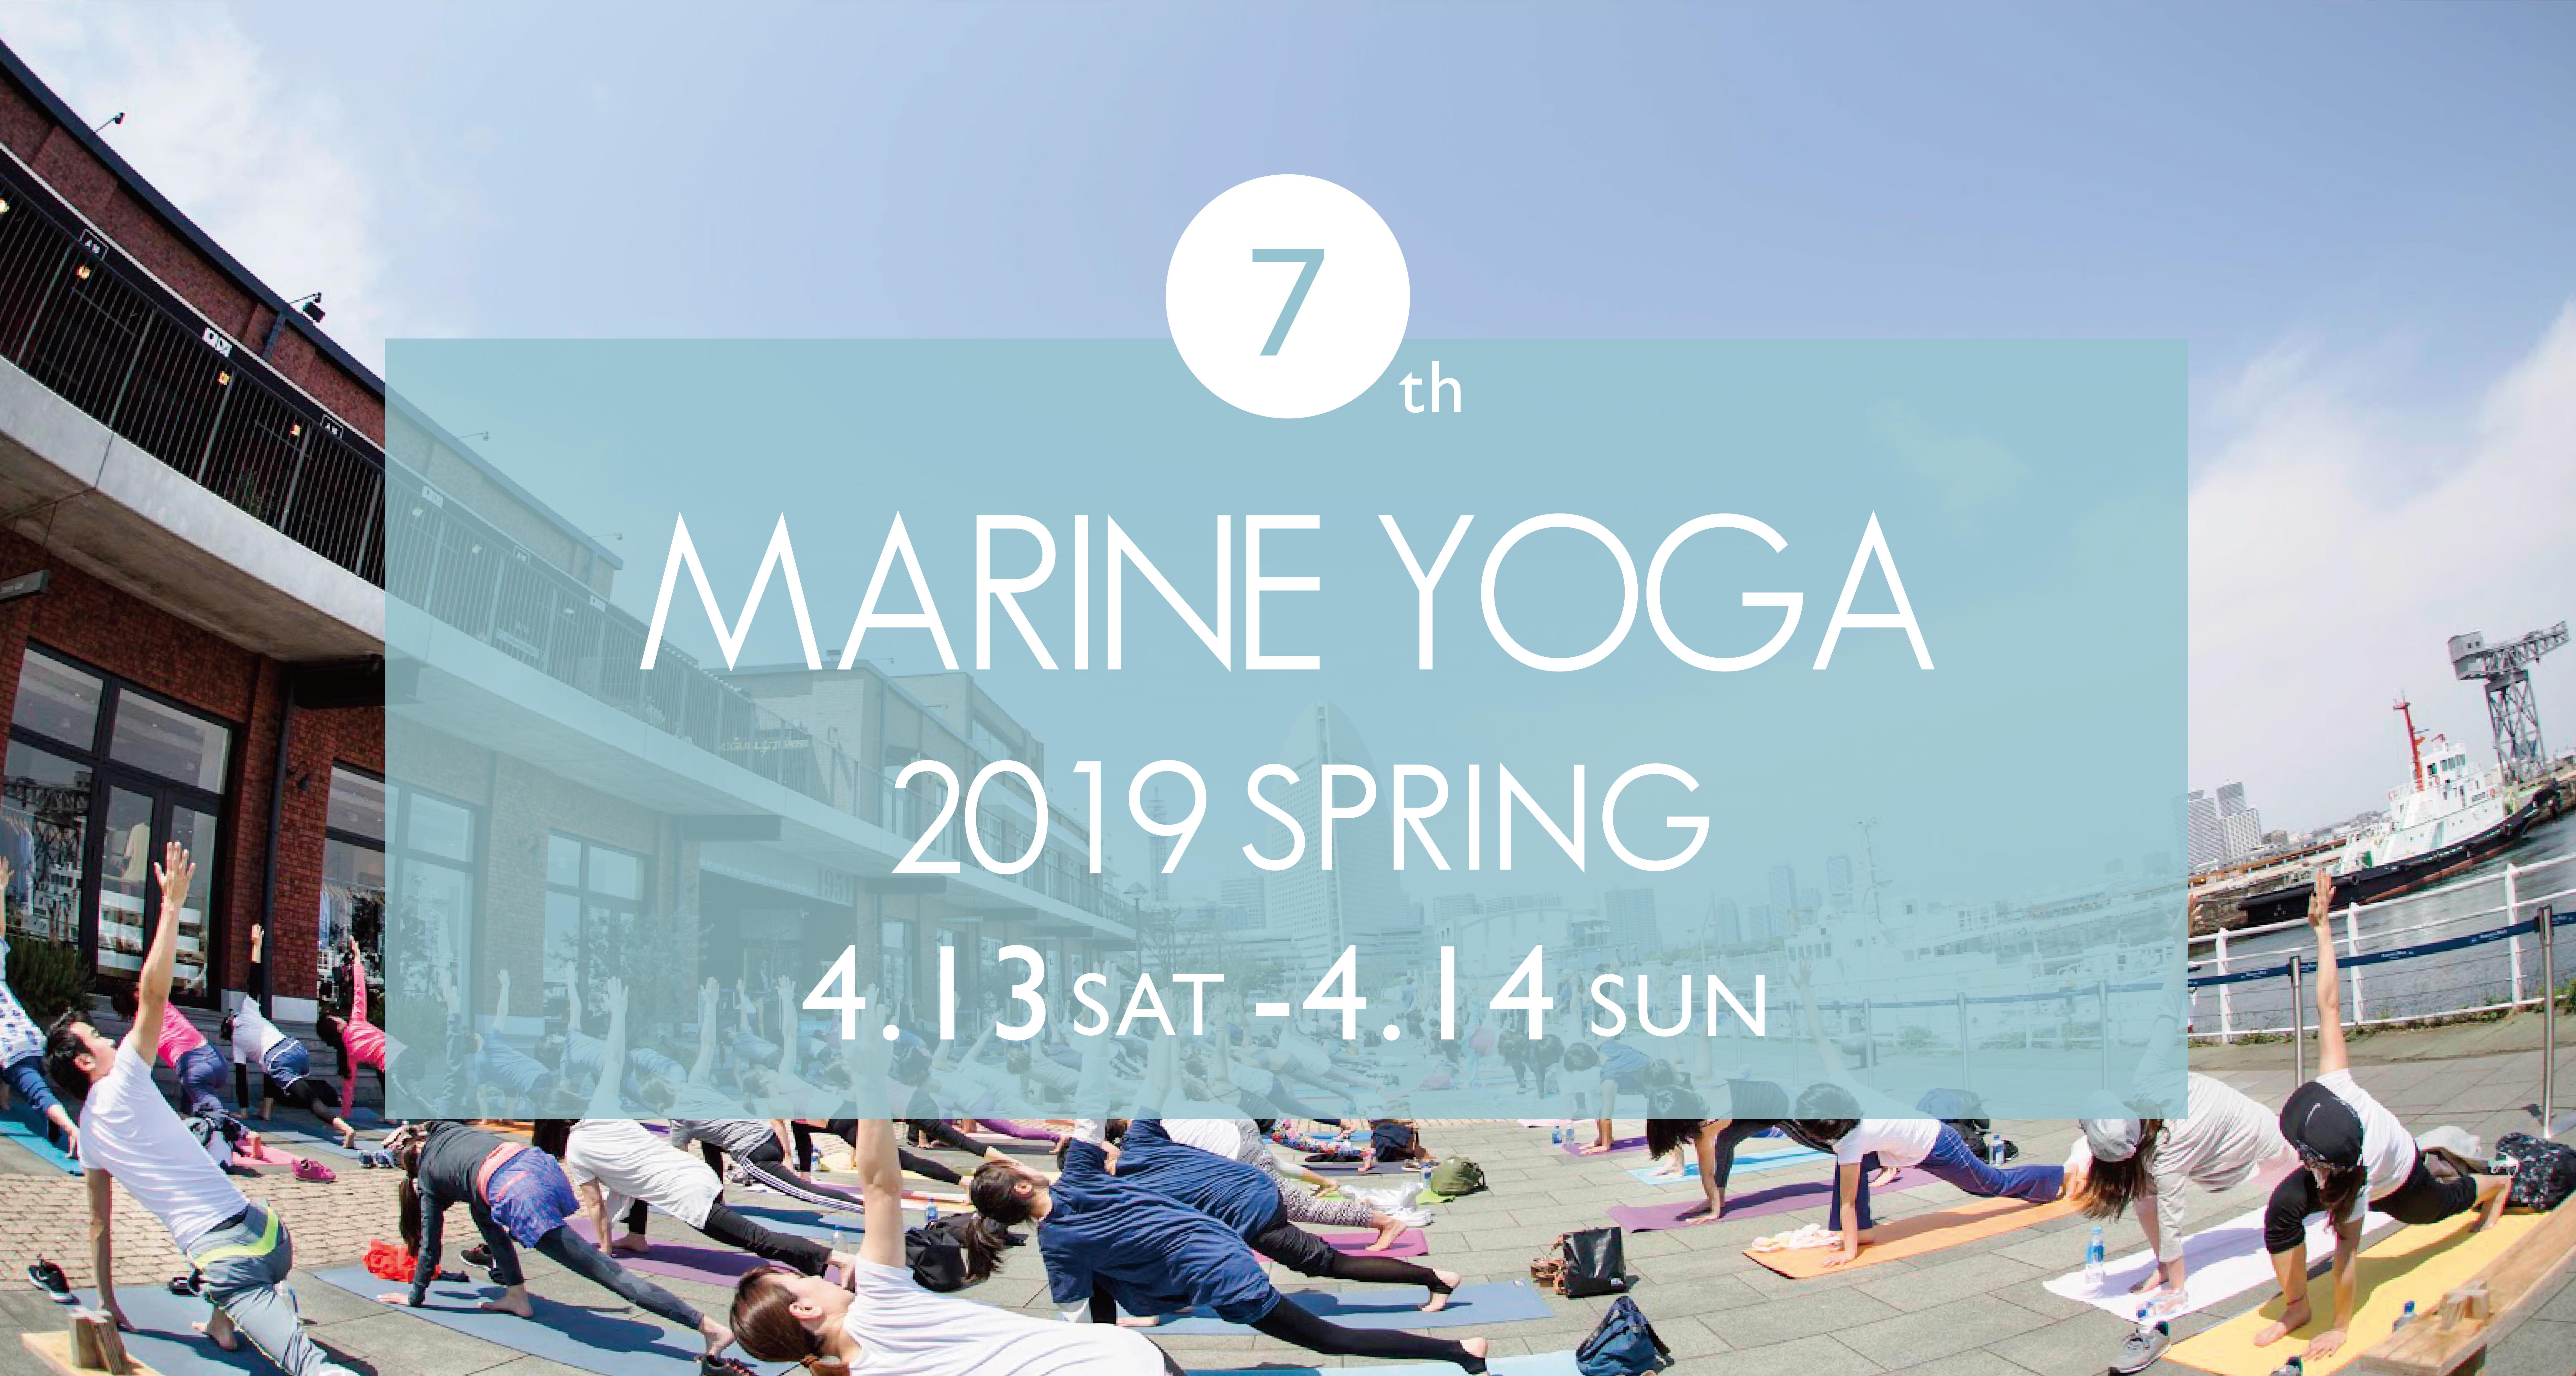 2019.4.13sat - 4.14sun  MARINE YOGA 2019Spring